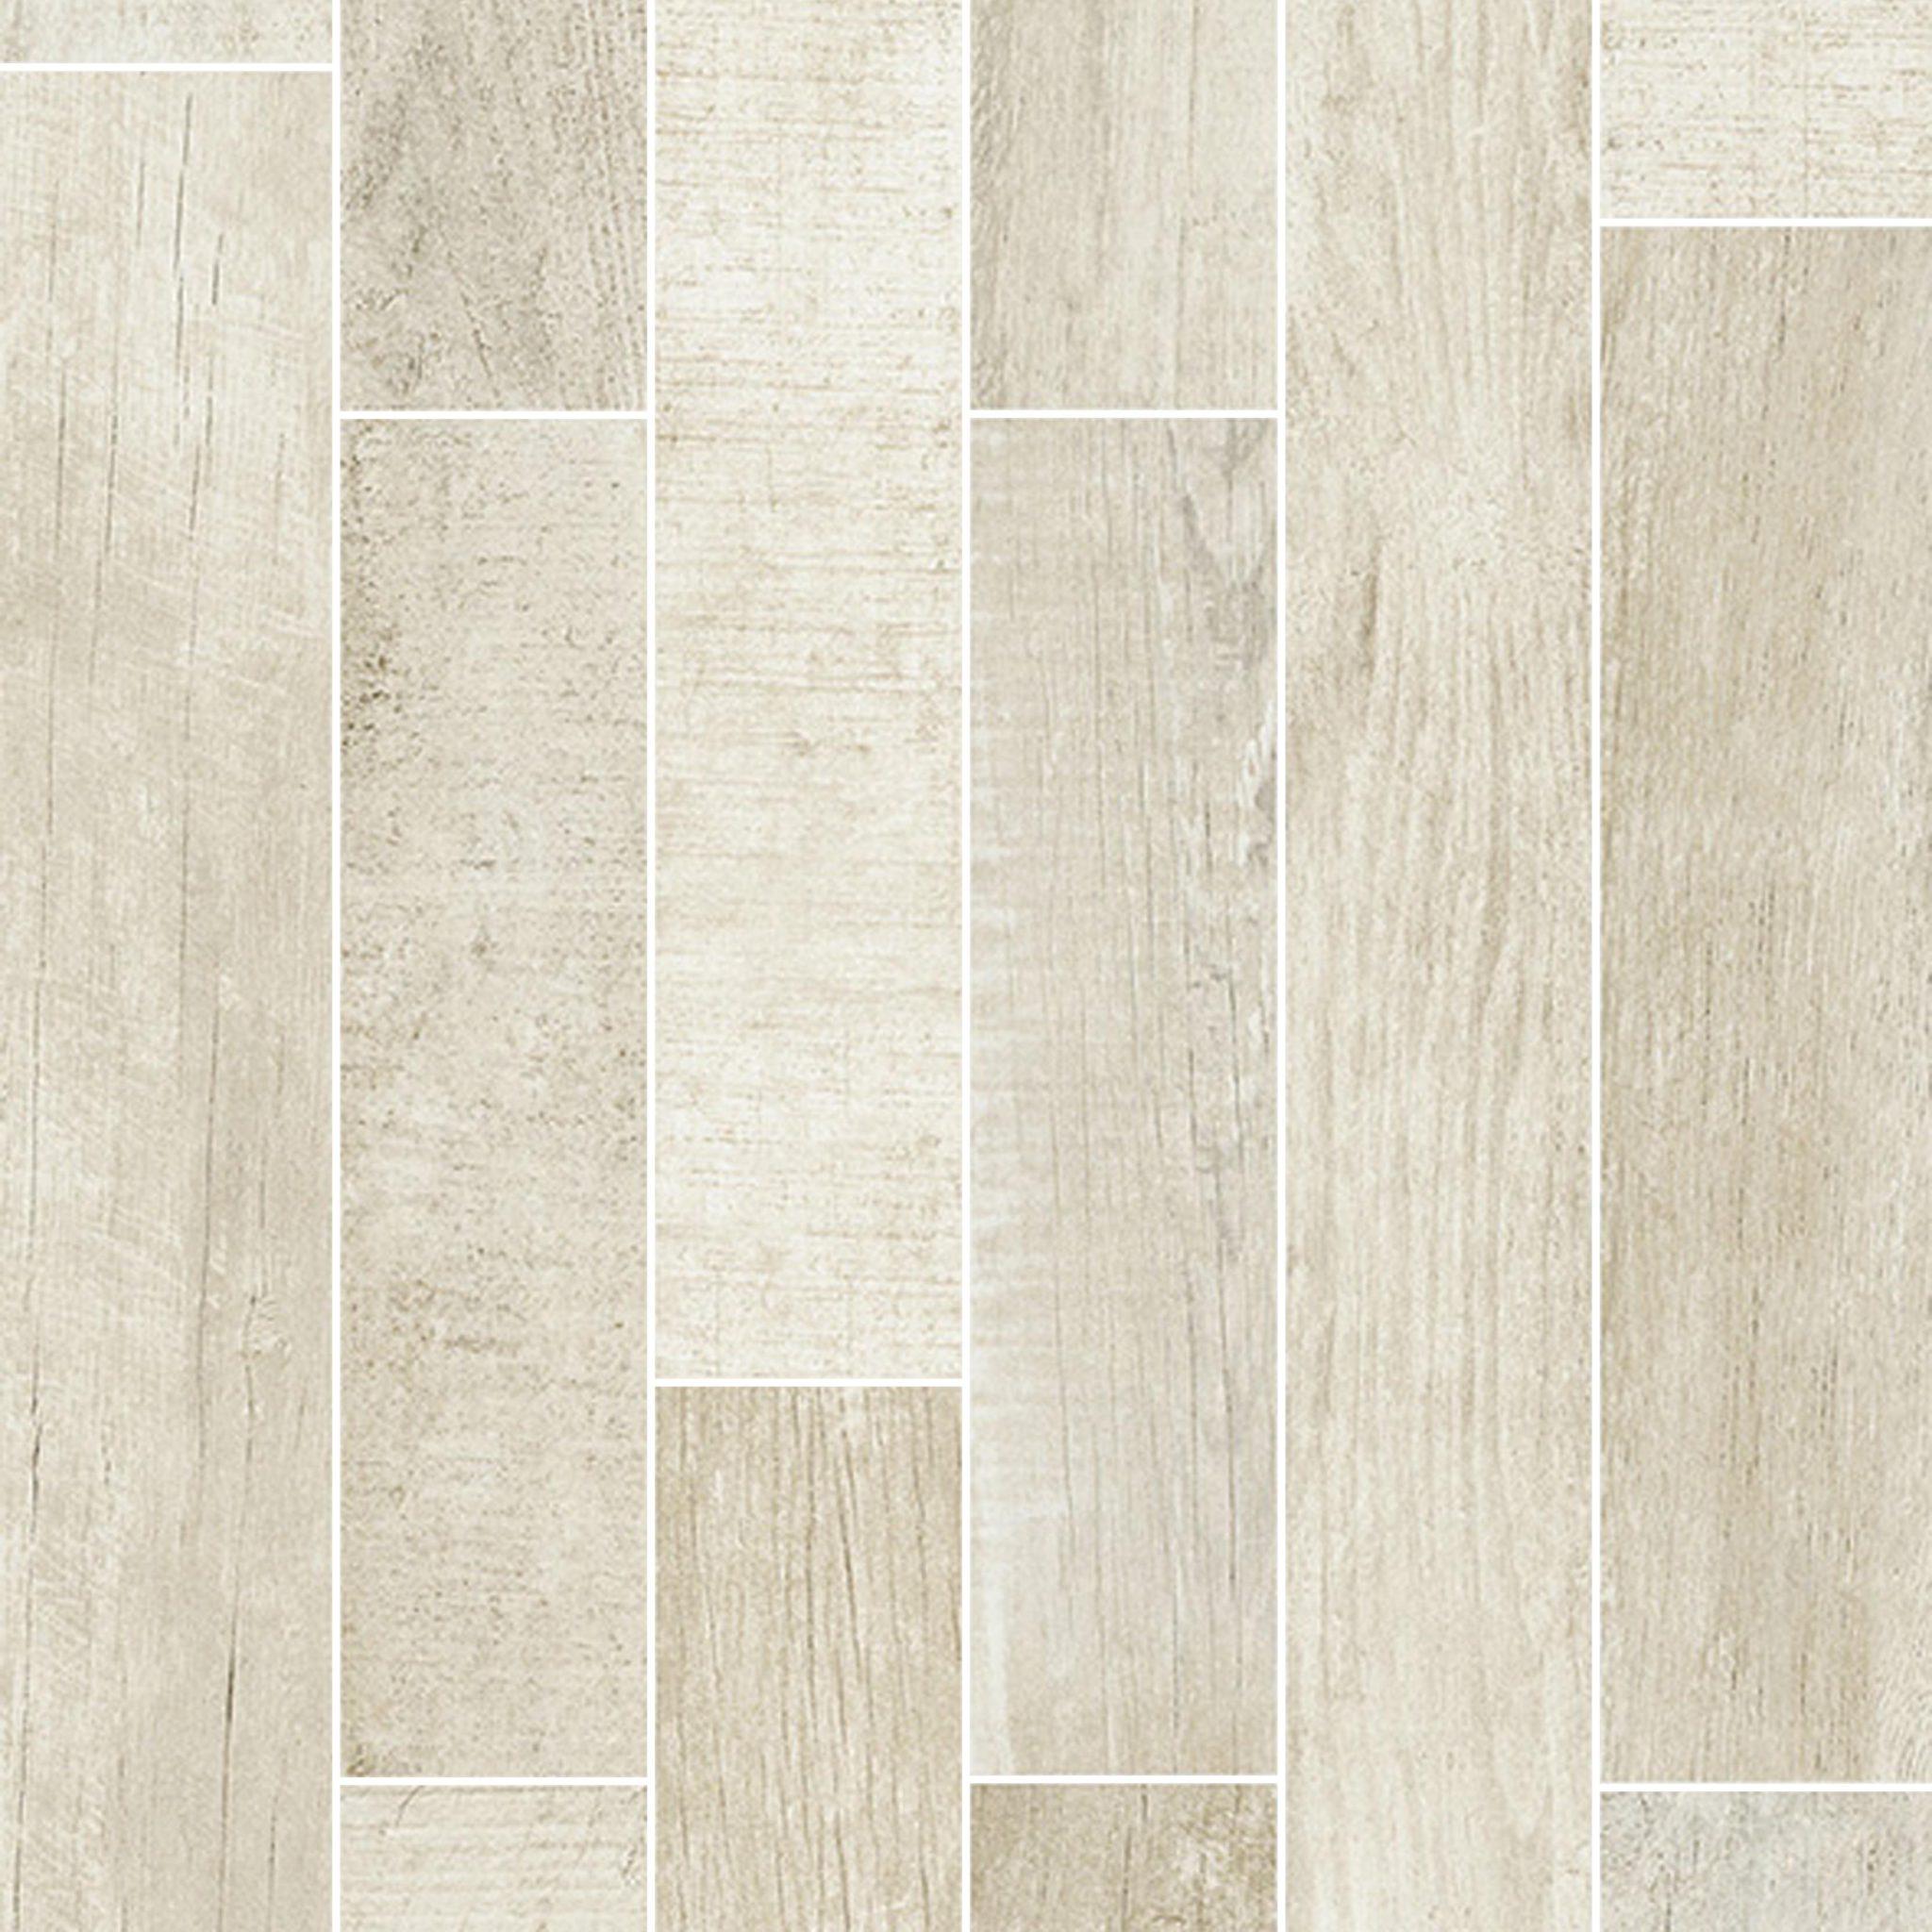 Bridge Snow 8 Quot X48 Quot Glazed Porcelain Floor Amp Wall Tile